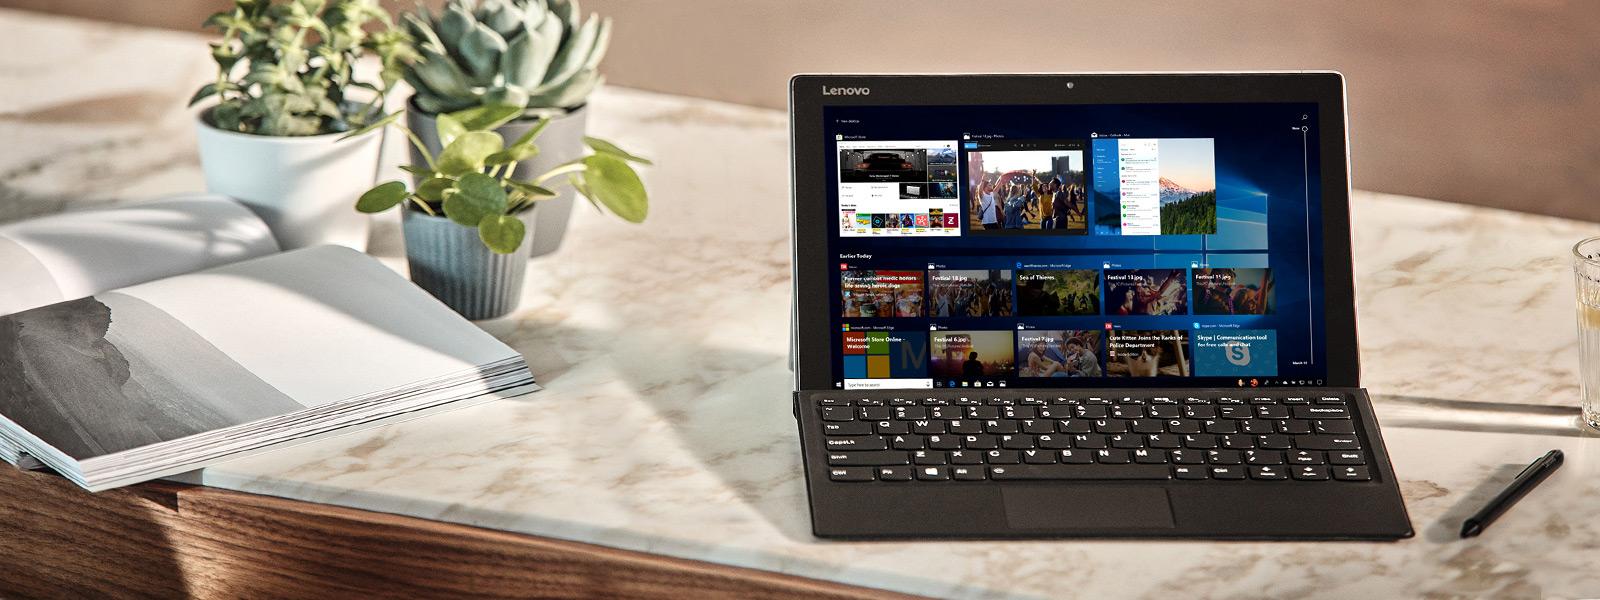 Ekran računara prikazuje funkciju obuhvaćenu ispravkom za Windows 10 iz aprila 2018.